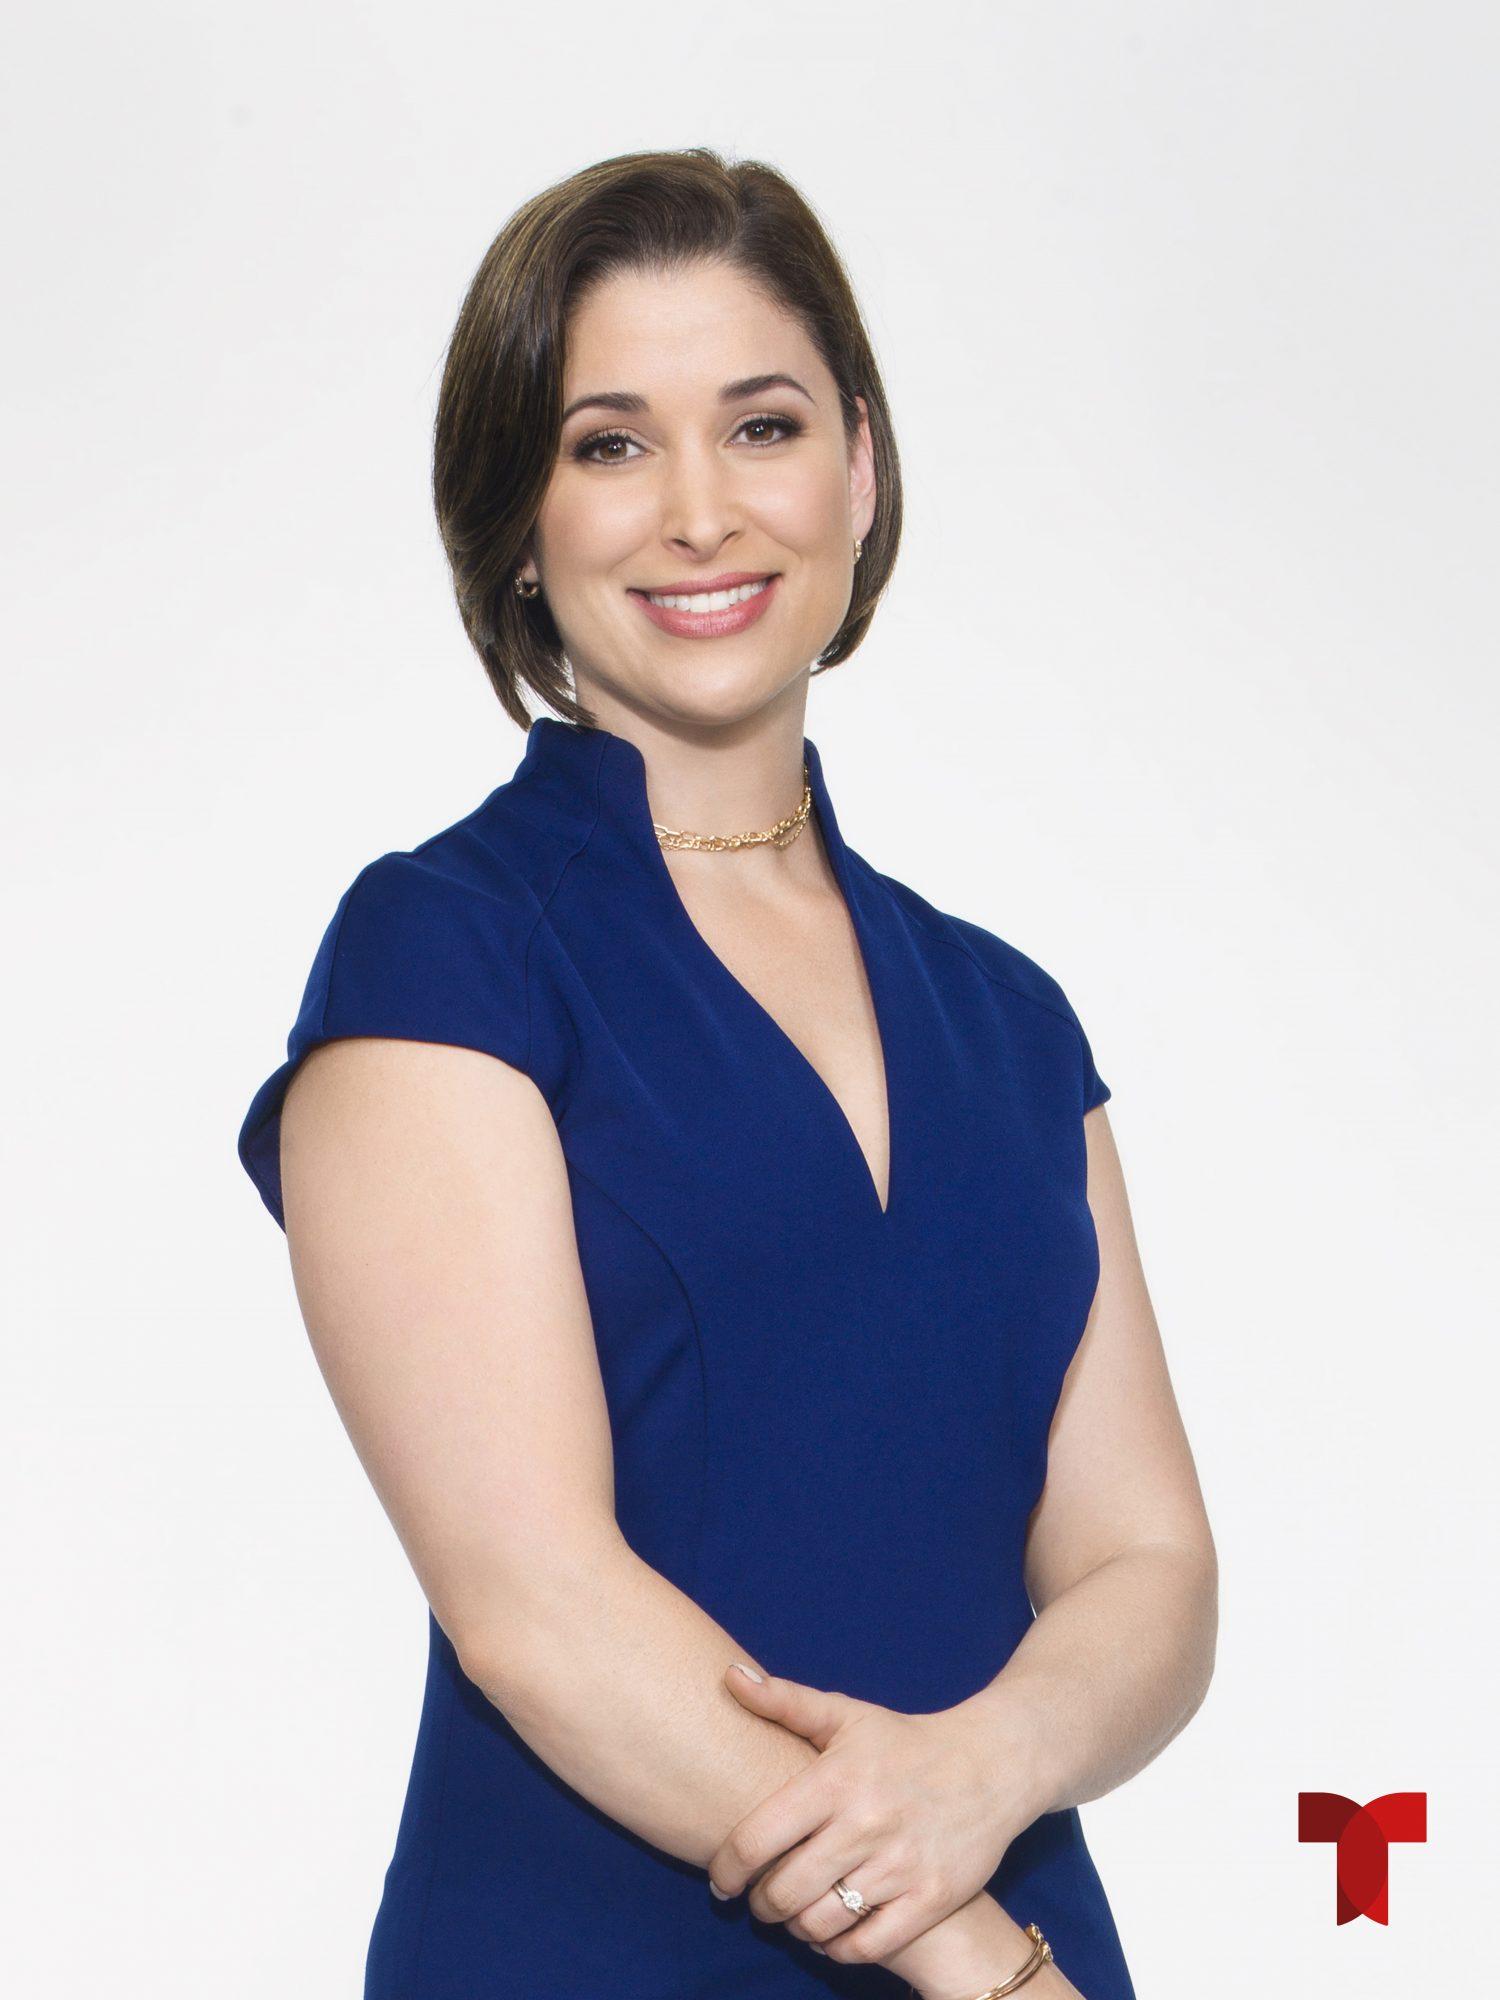 Arantxa Loizaga, presentadora de noticias de hoy Día